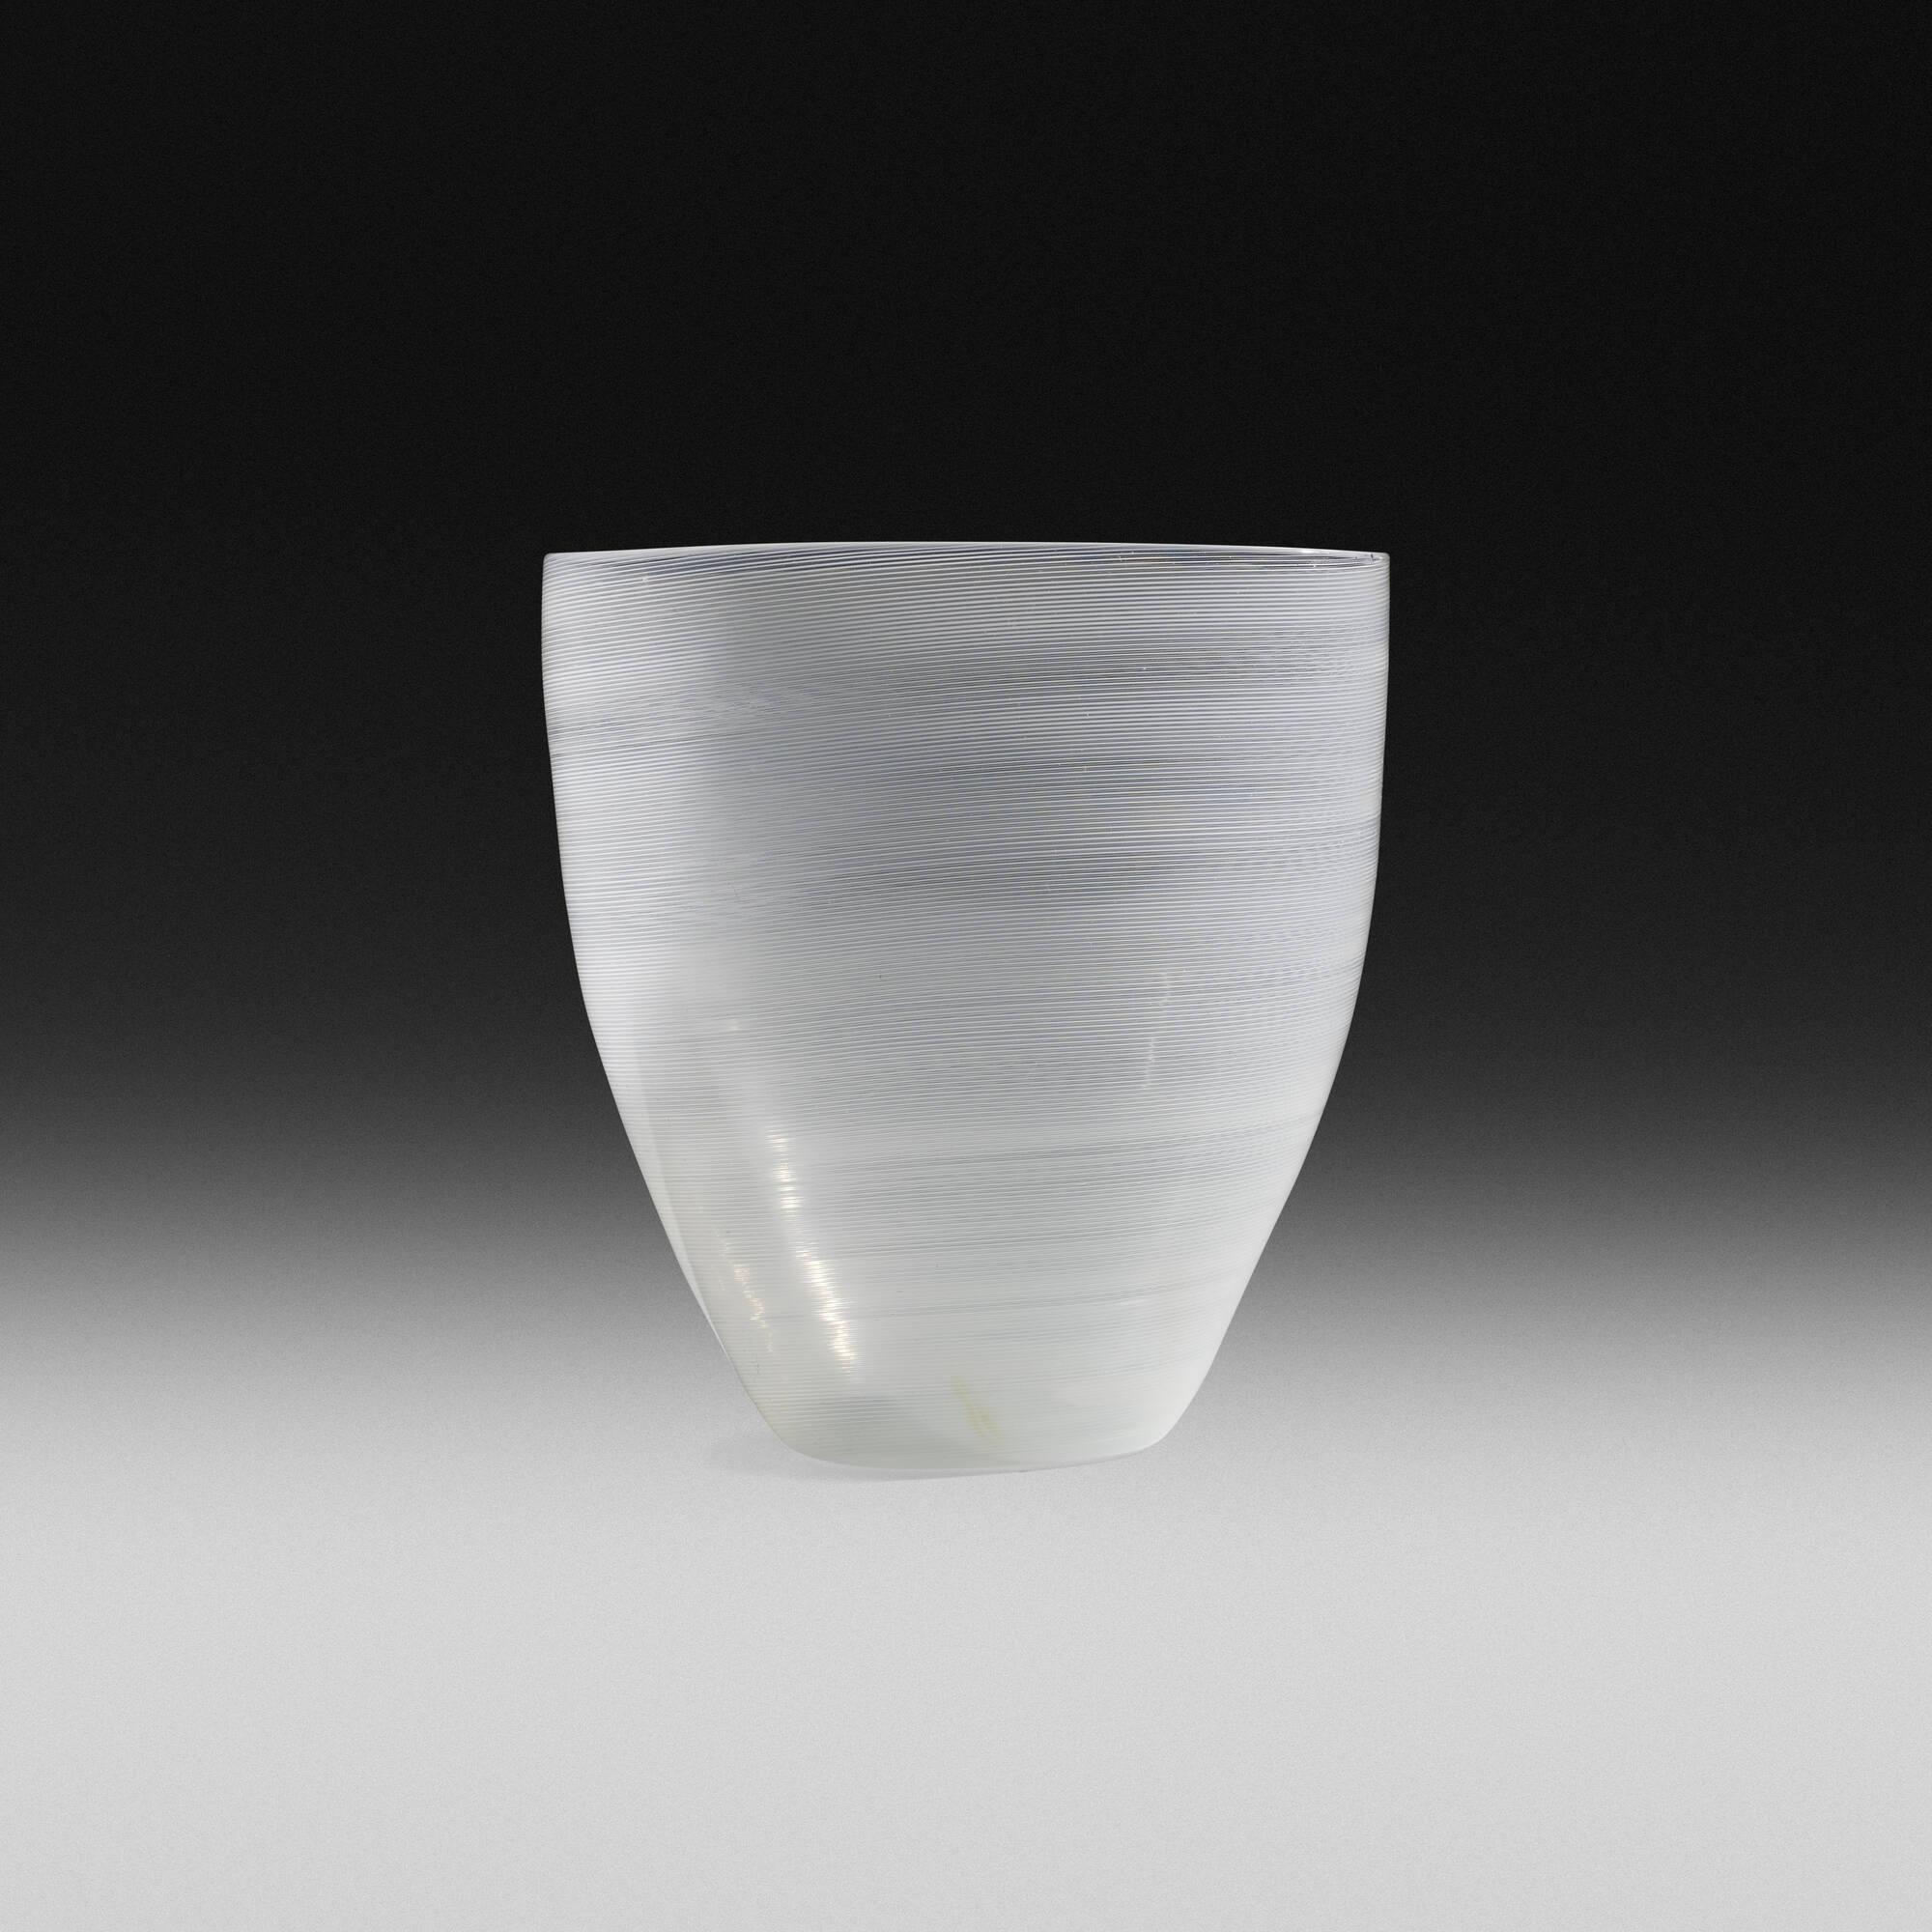 123 carlo scarpa mezza filigrana vase model 3545 important 123 carlo scarpa mezza filigrana vase model 3545 1 of 3 floridaeventfo Image collections